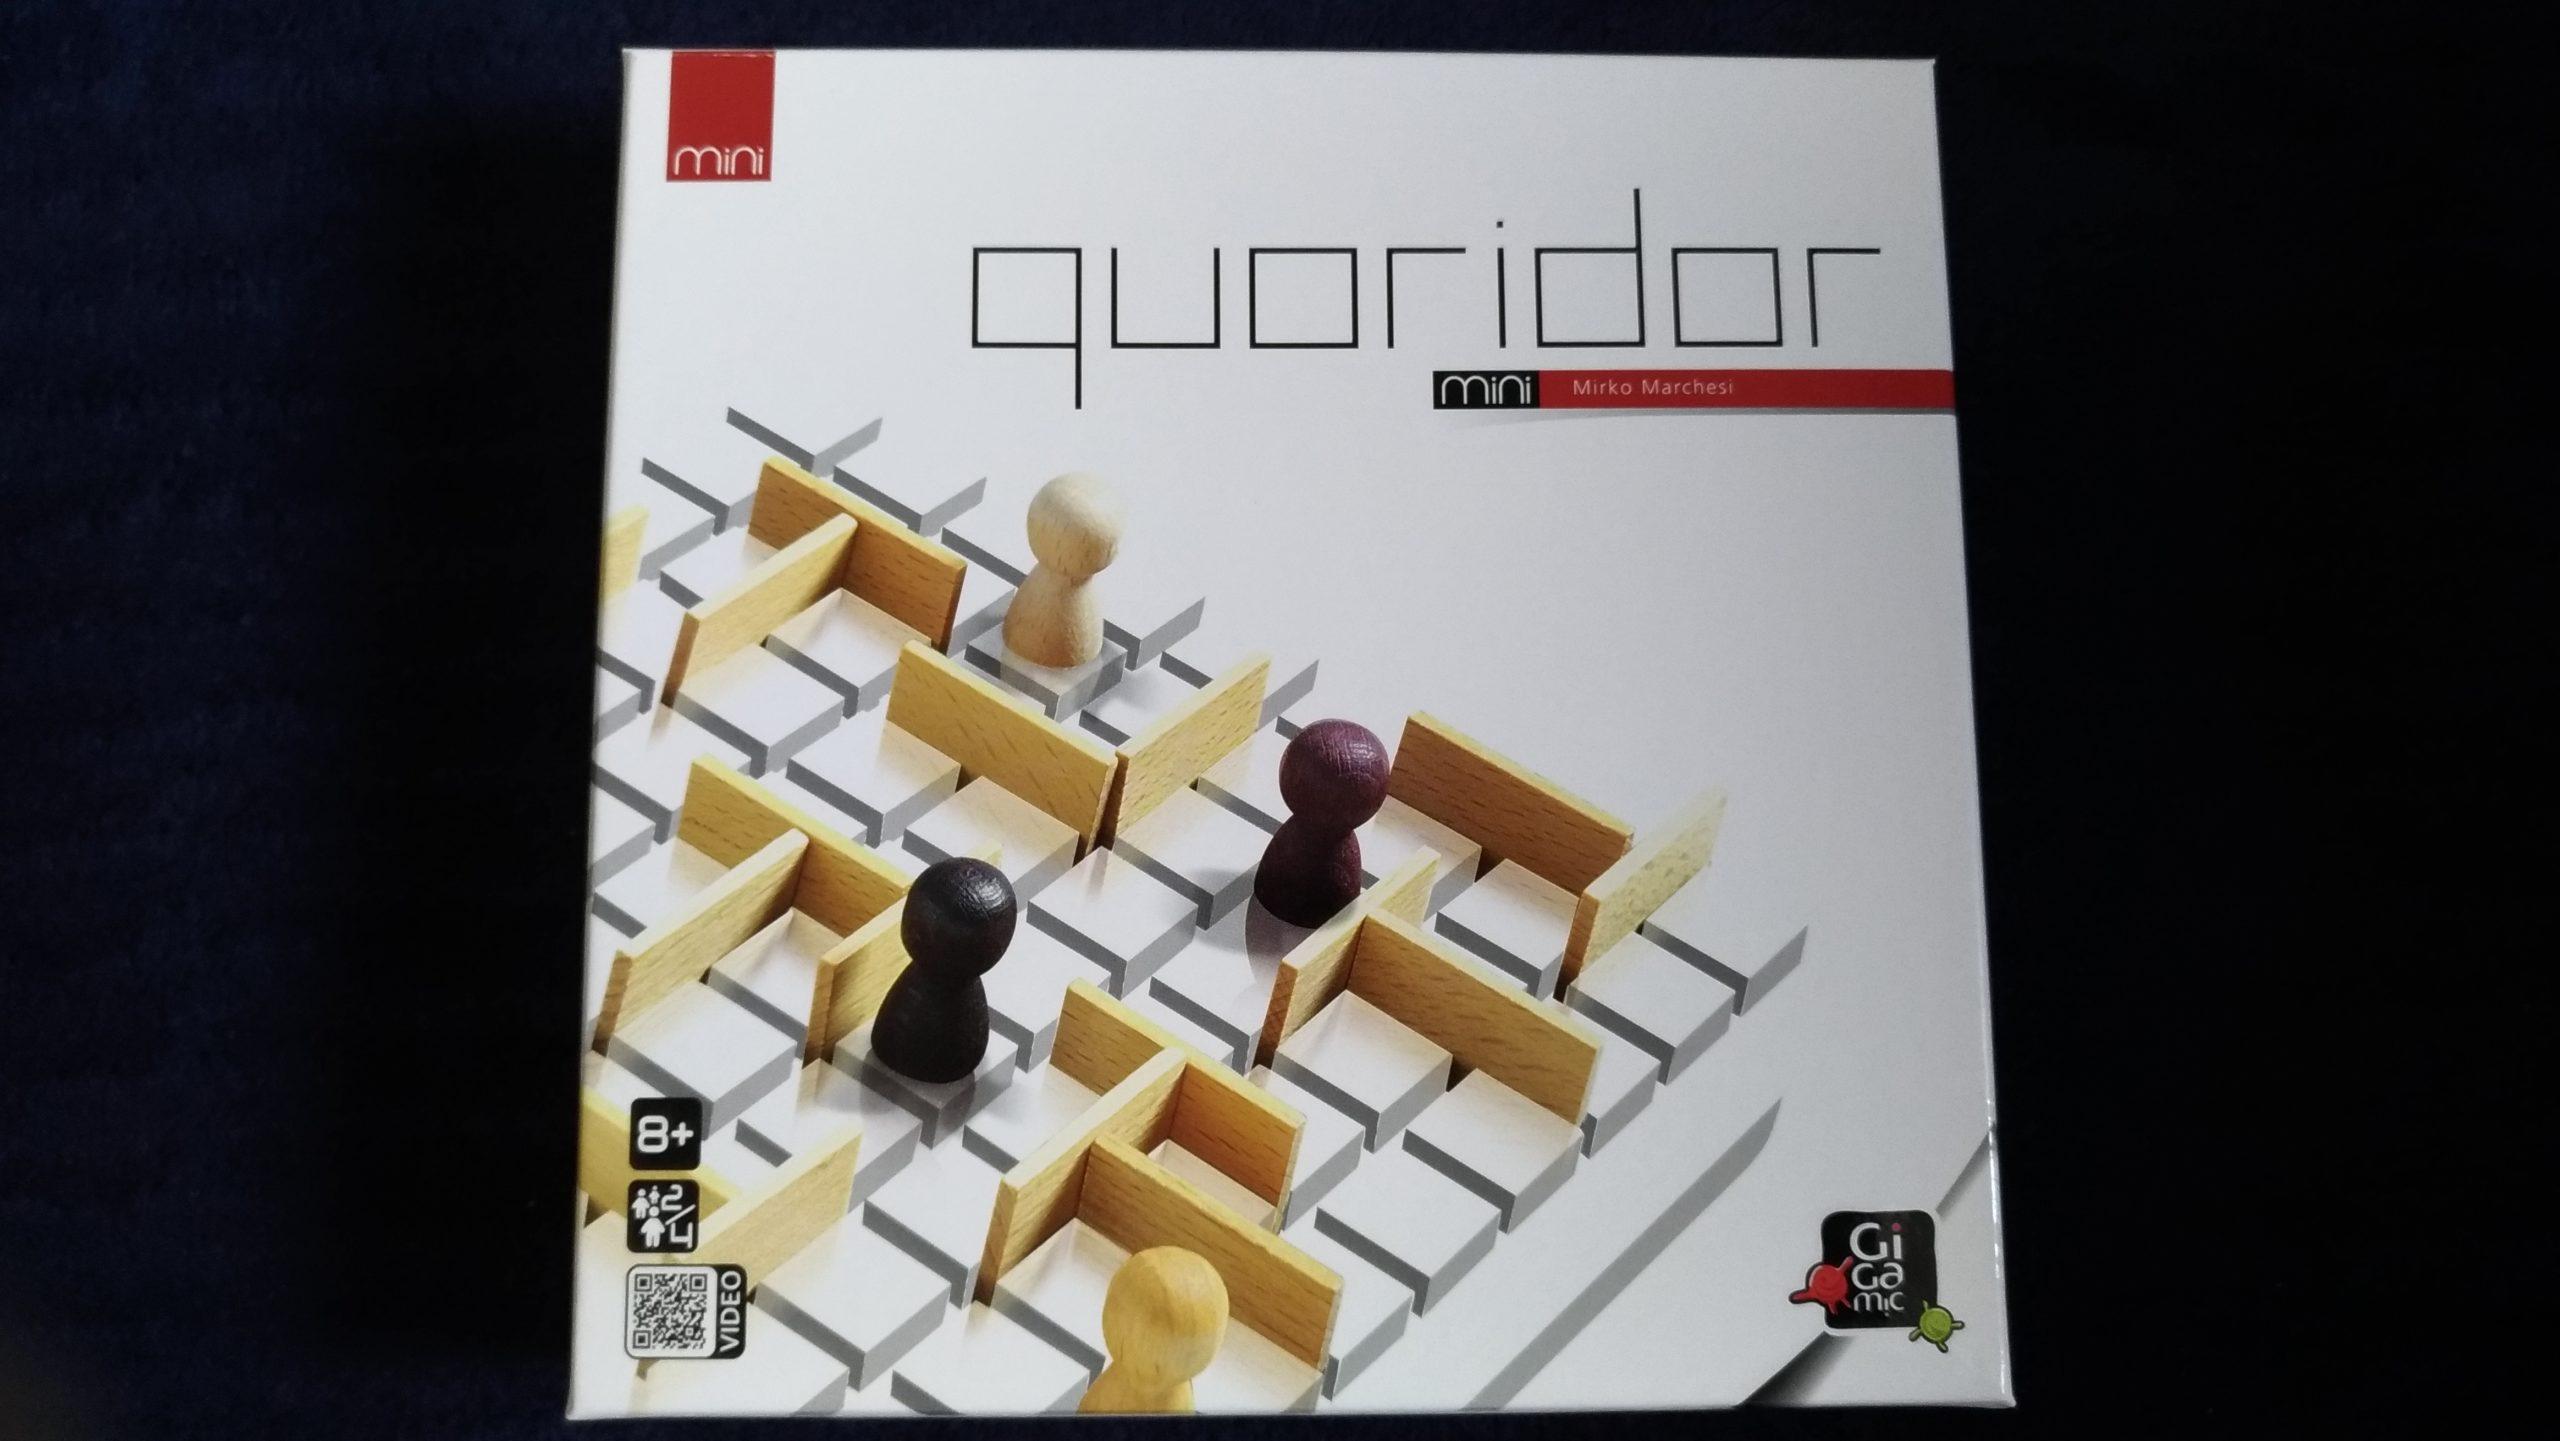 【ボドゲ紹介】quoridor mini(コリドールミニ)